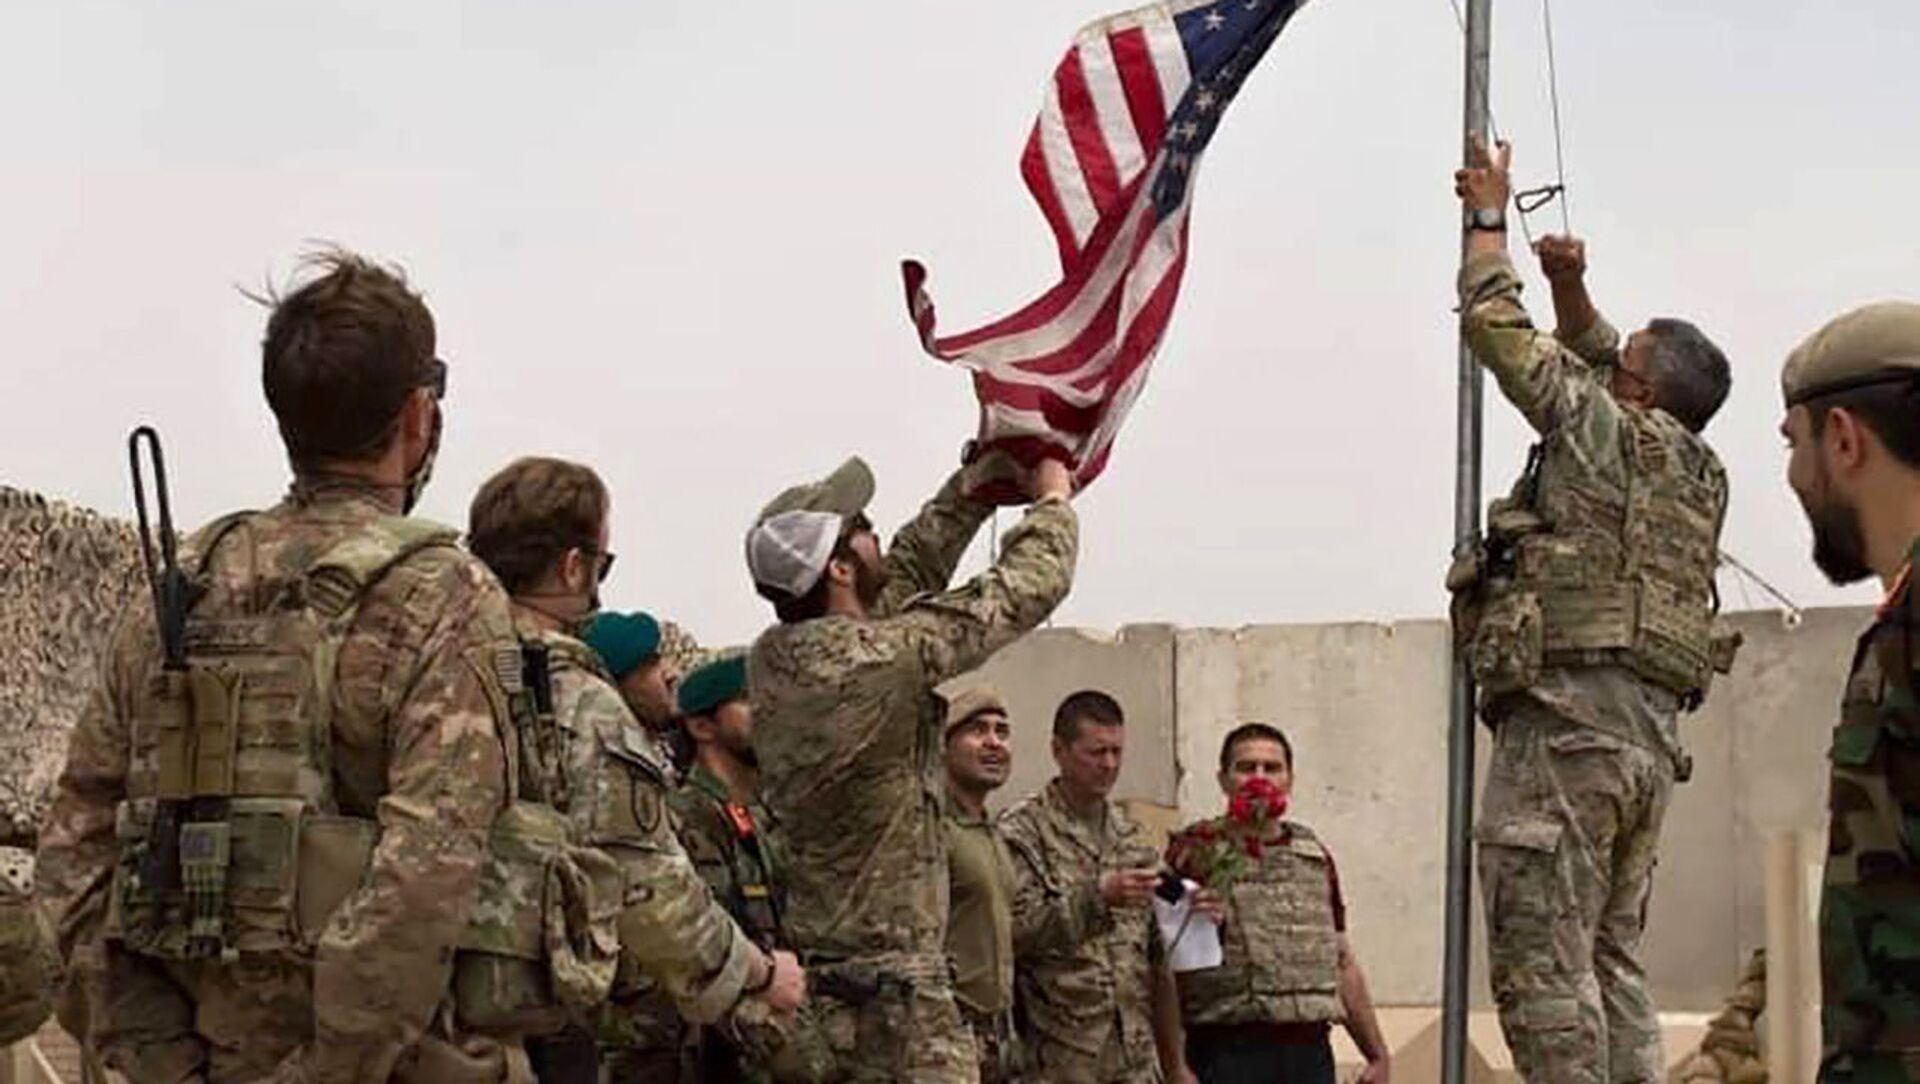 Binh sĩ Hoa Kỳ hạ cờ Mỹ tại trại Anthonic, Afghanistan - Sputnik Việt Nam, 1920, 28.09.2021